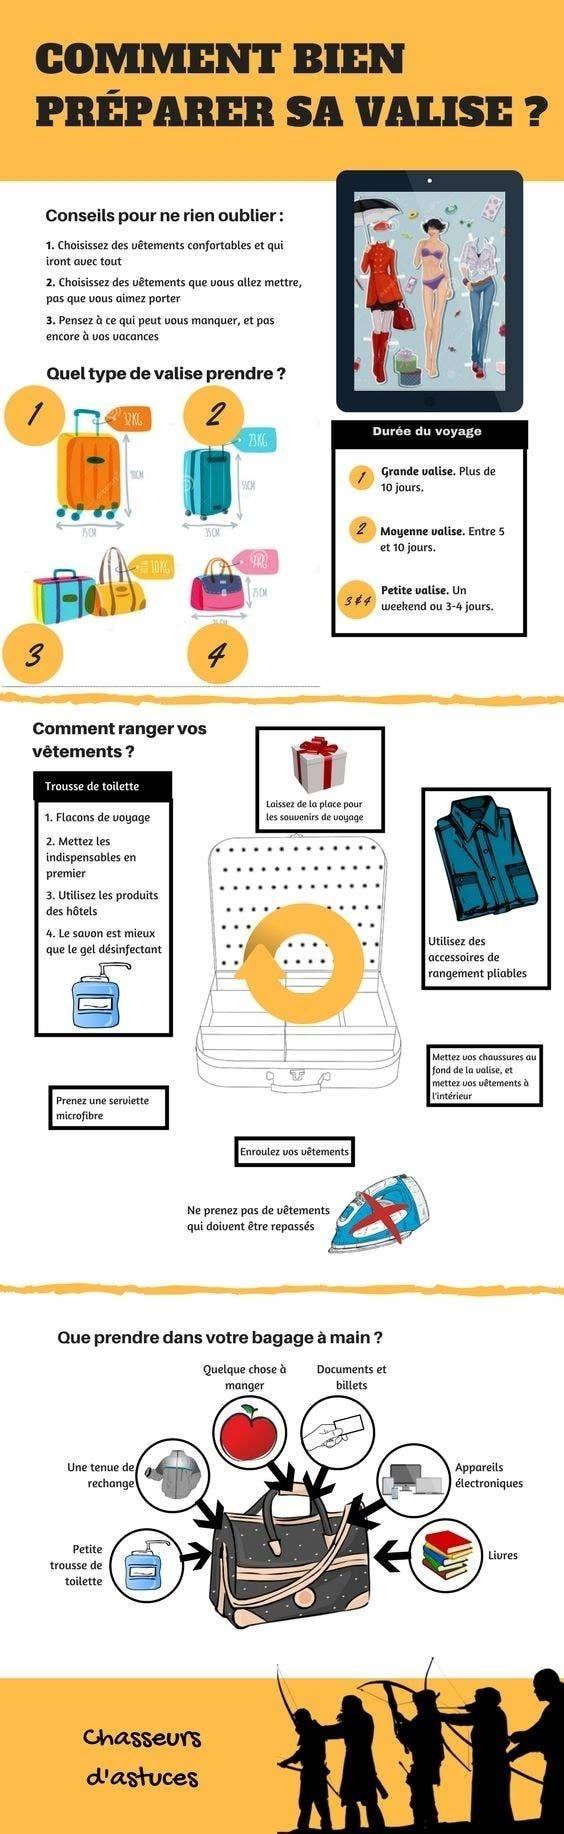 11 graphiques qui vont vous aider à faire vos valises plus facilement